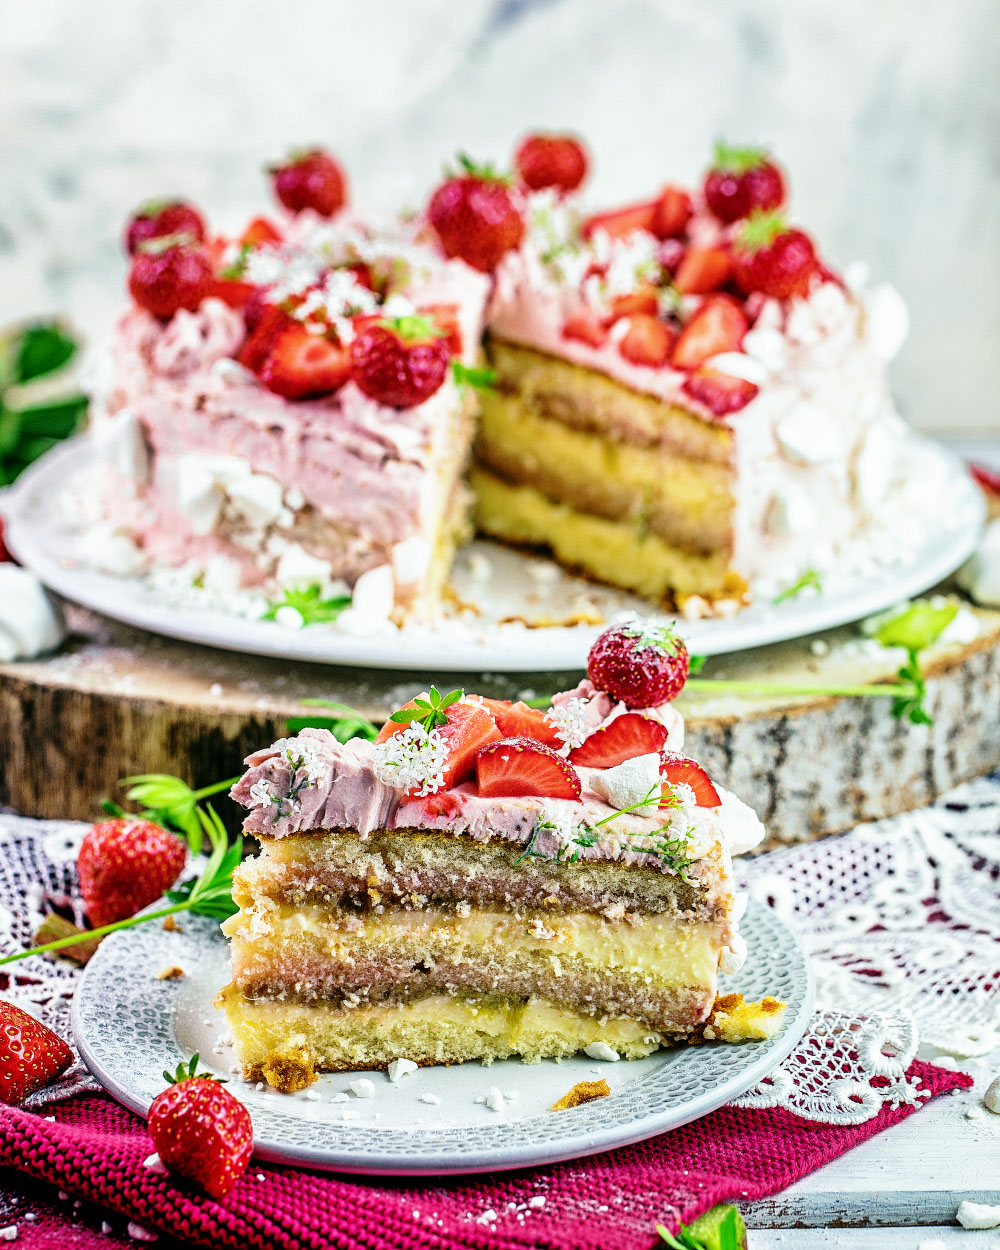 Rharbarber-Erdbeer-Pudding-Torte- einfaches Rezept mit fertigen Böden